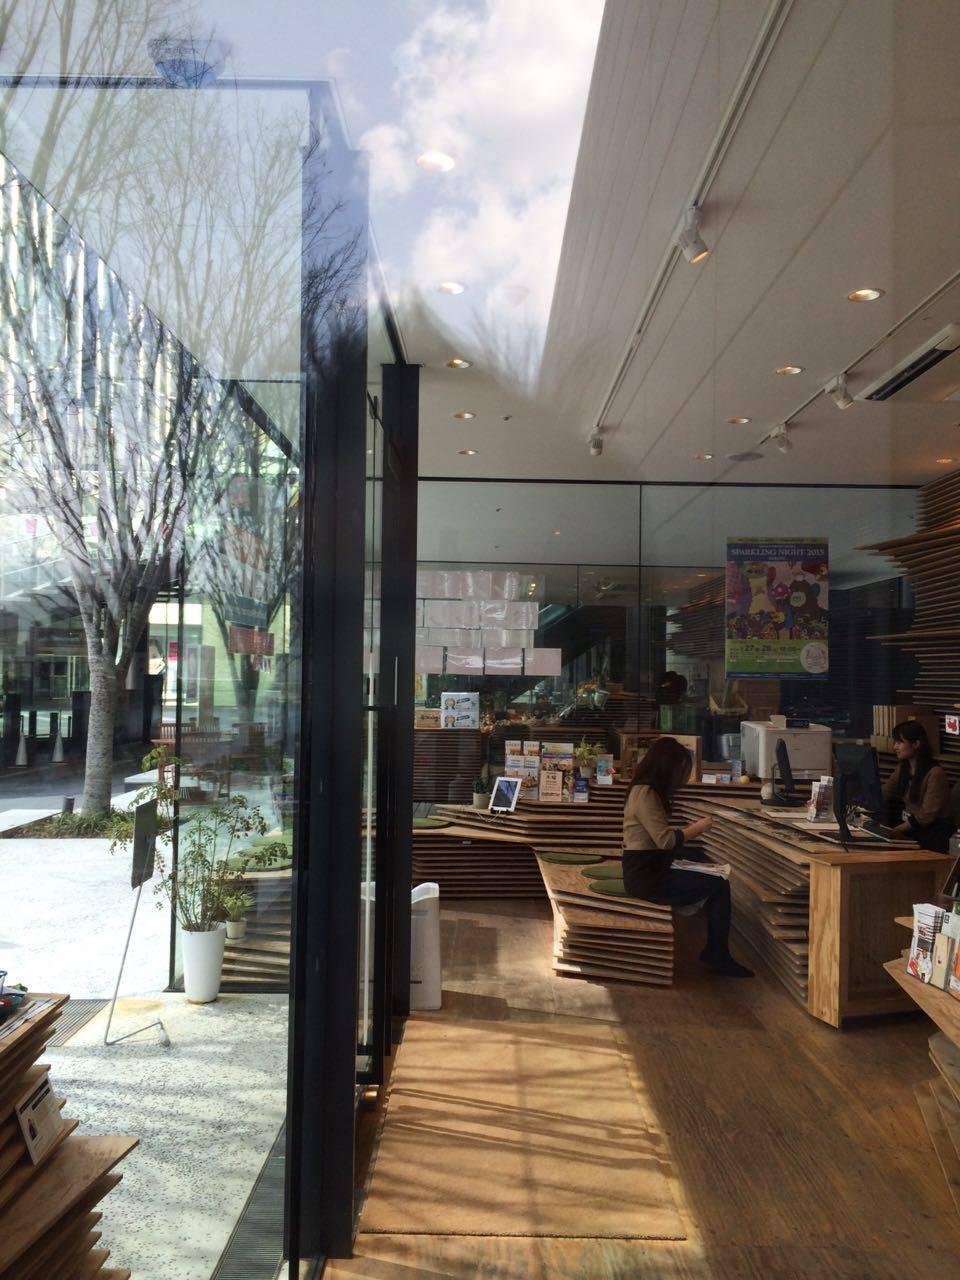 #伙伴一起看日本#  日本设计考察分享(更新美秀美术馆)_IMG_4661.JPG